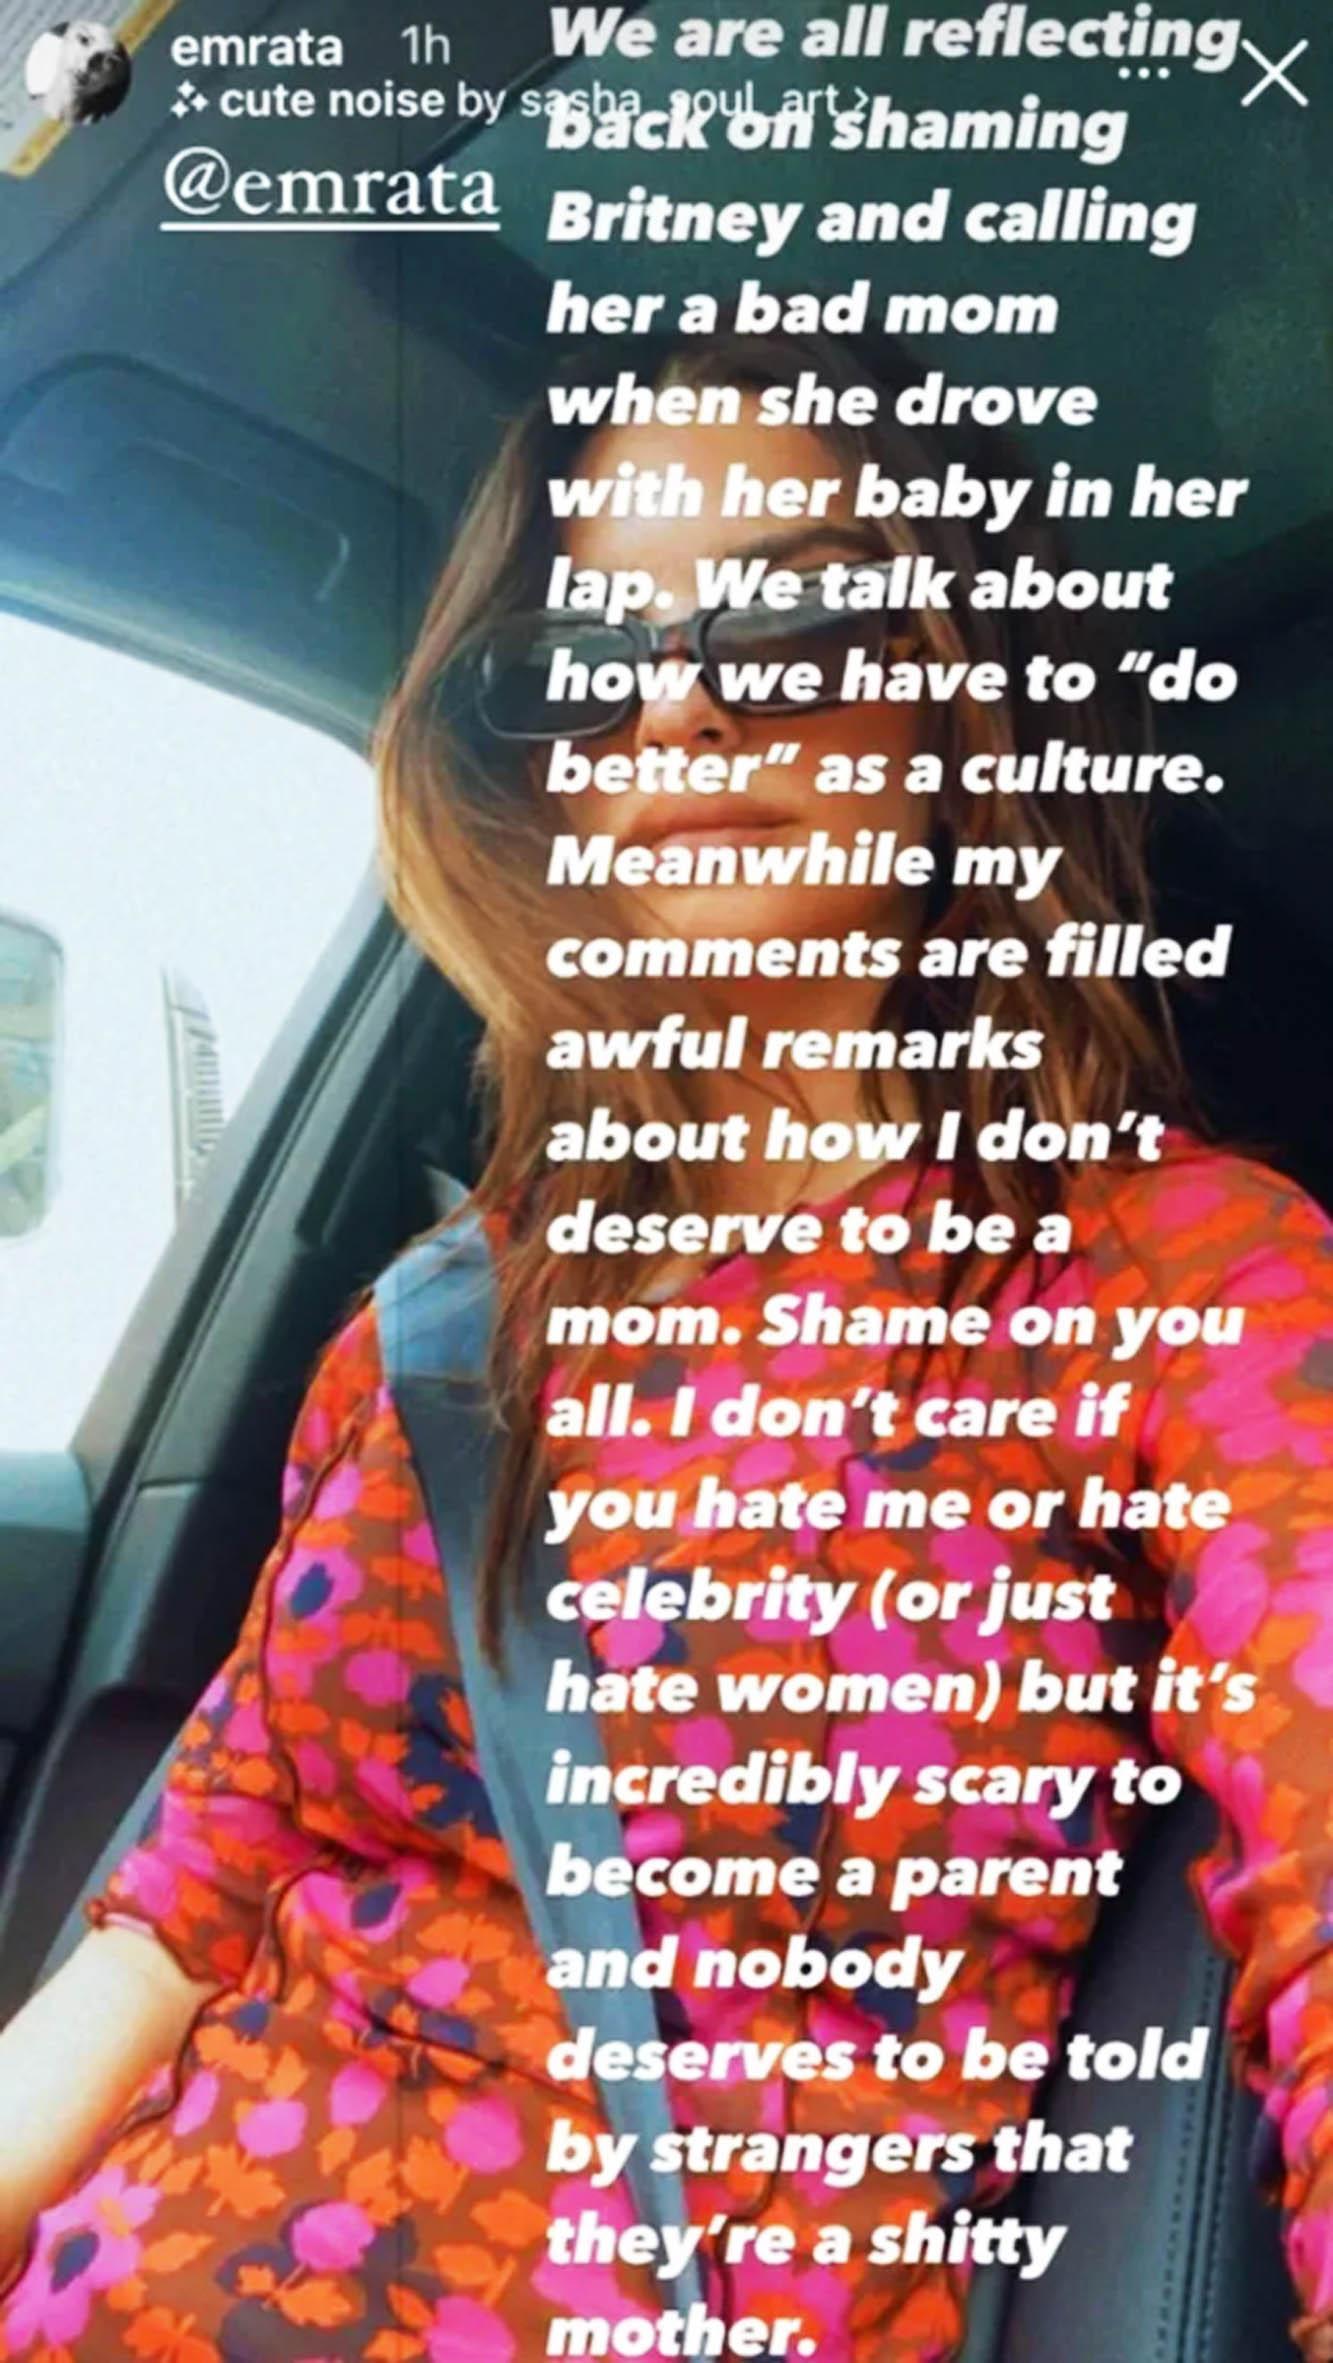 Emily Ratajkowski slår tilbake via Instagram Stories (Instagram/emrata)